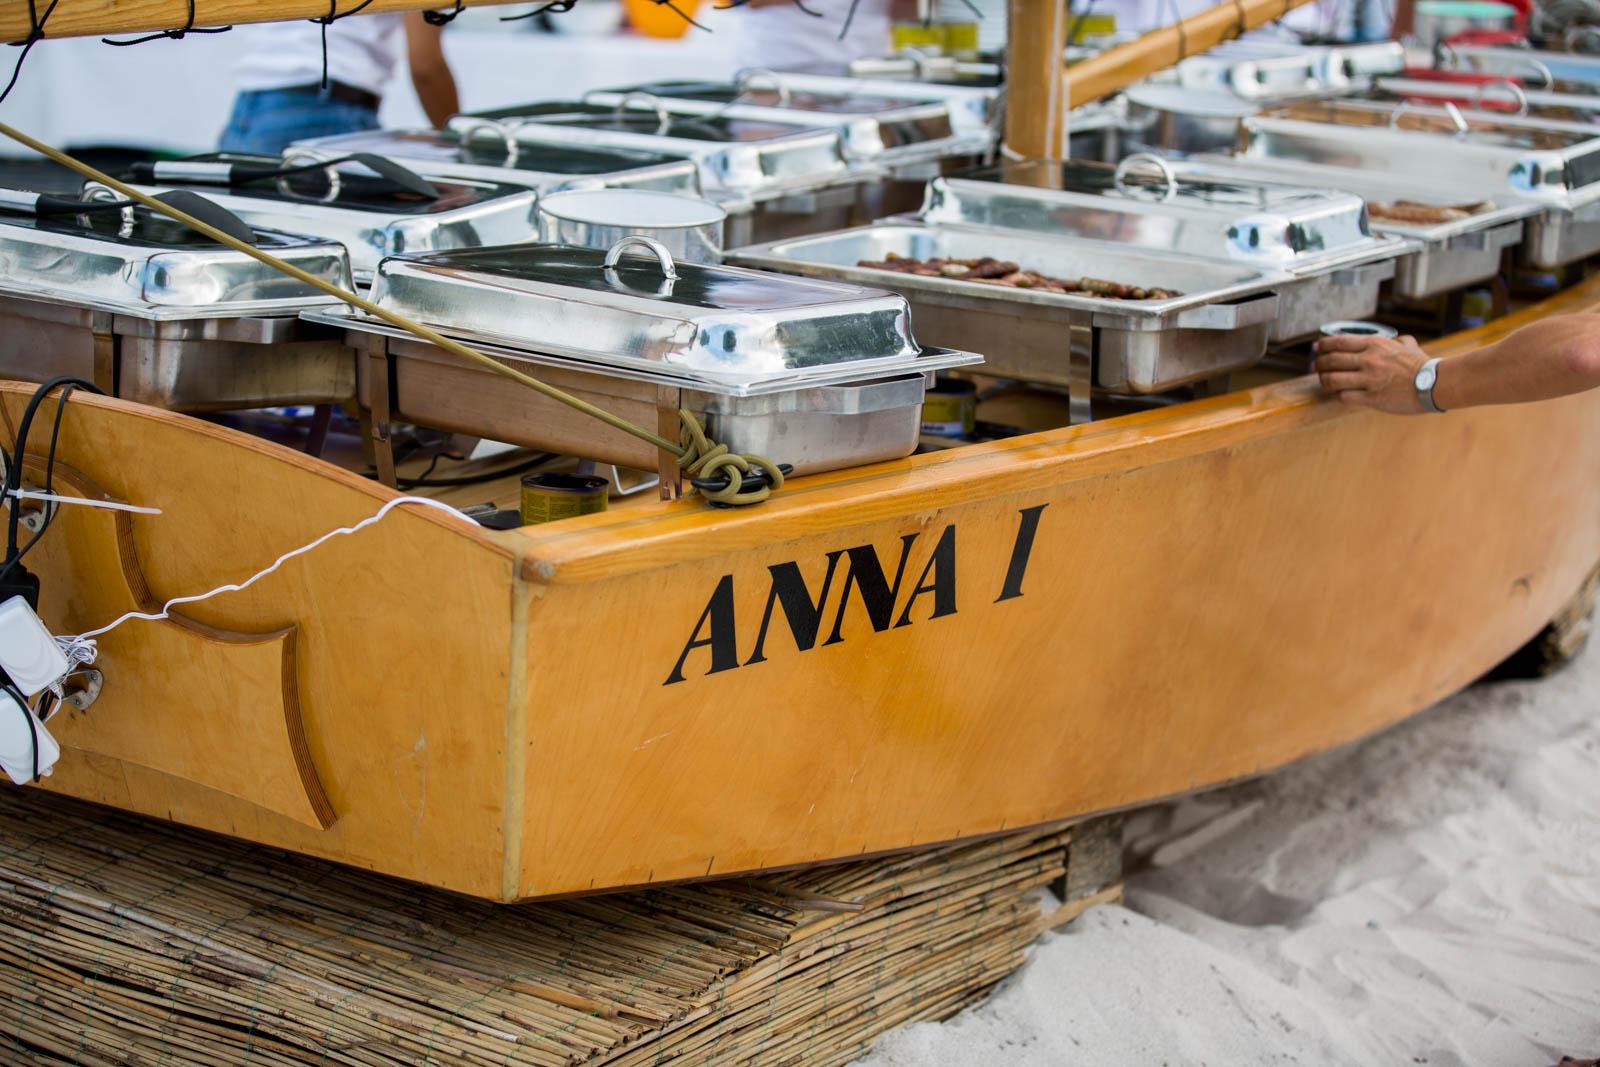 Das Boot Anna ist ein Hingucker auf dem Sommerfest